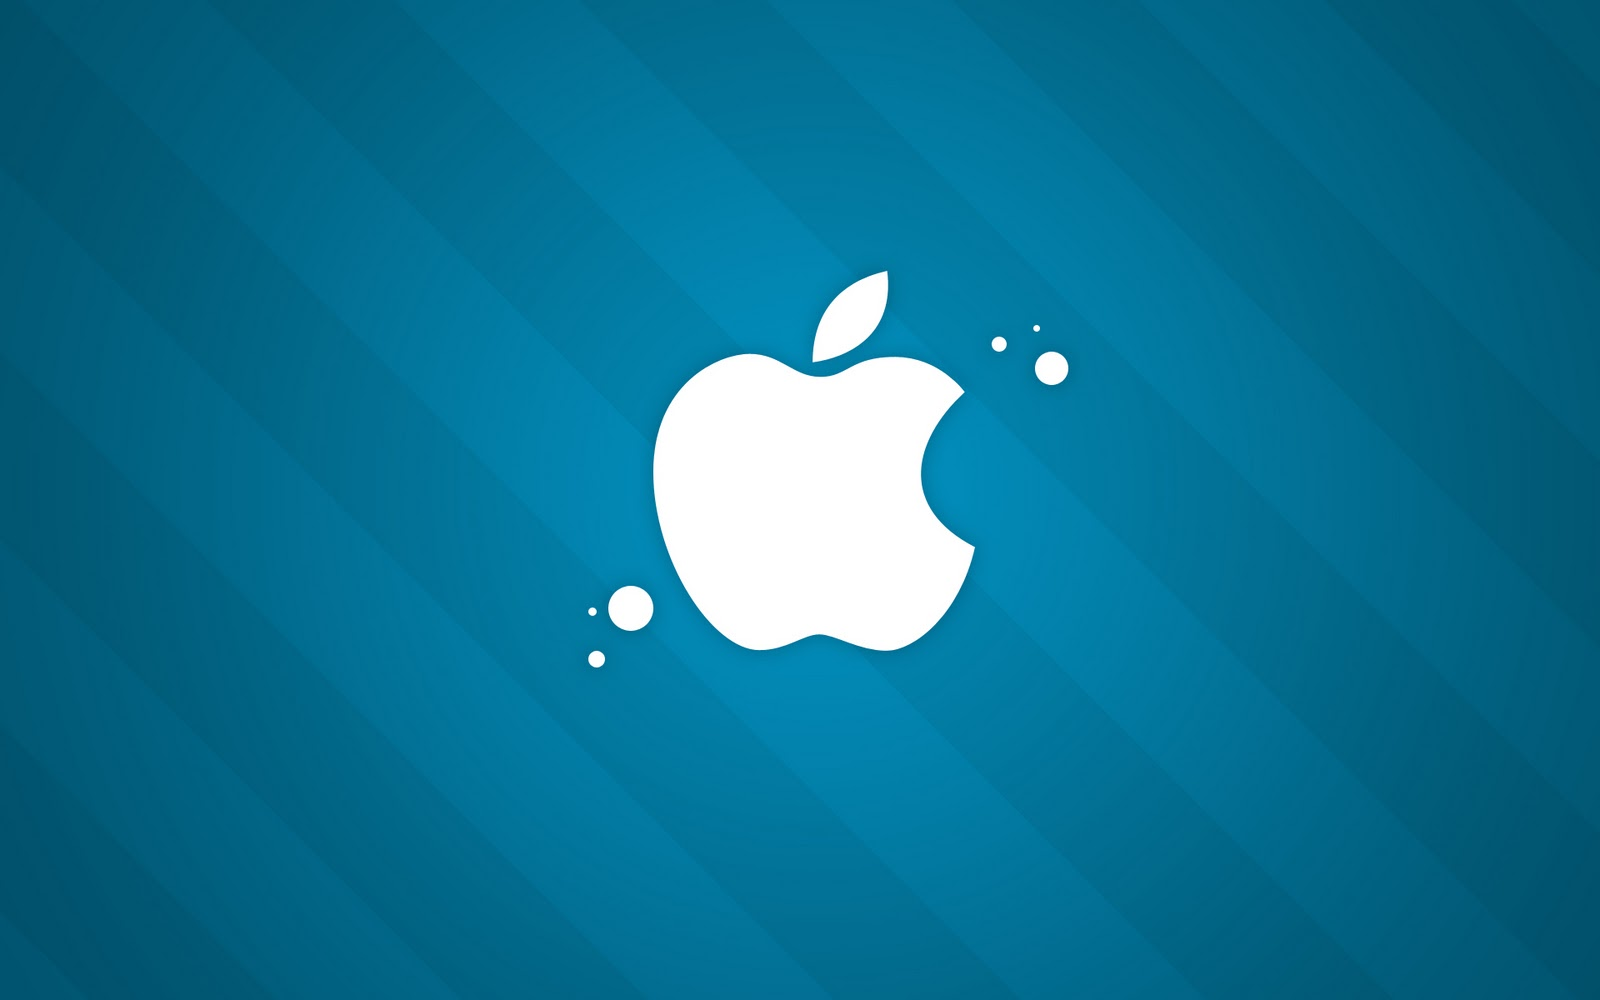 Apple MAC Wallpapers Desktop wallpapers Desktop HD Wallpapers 1600x1000